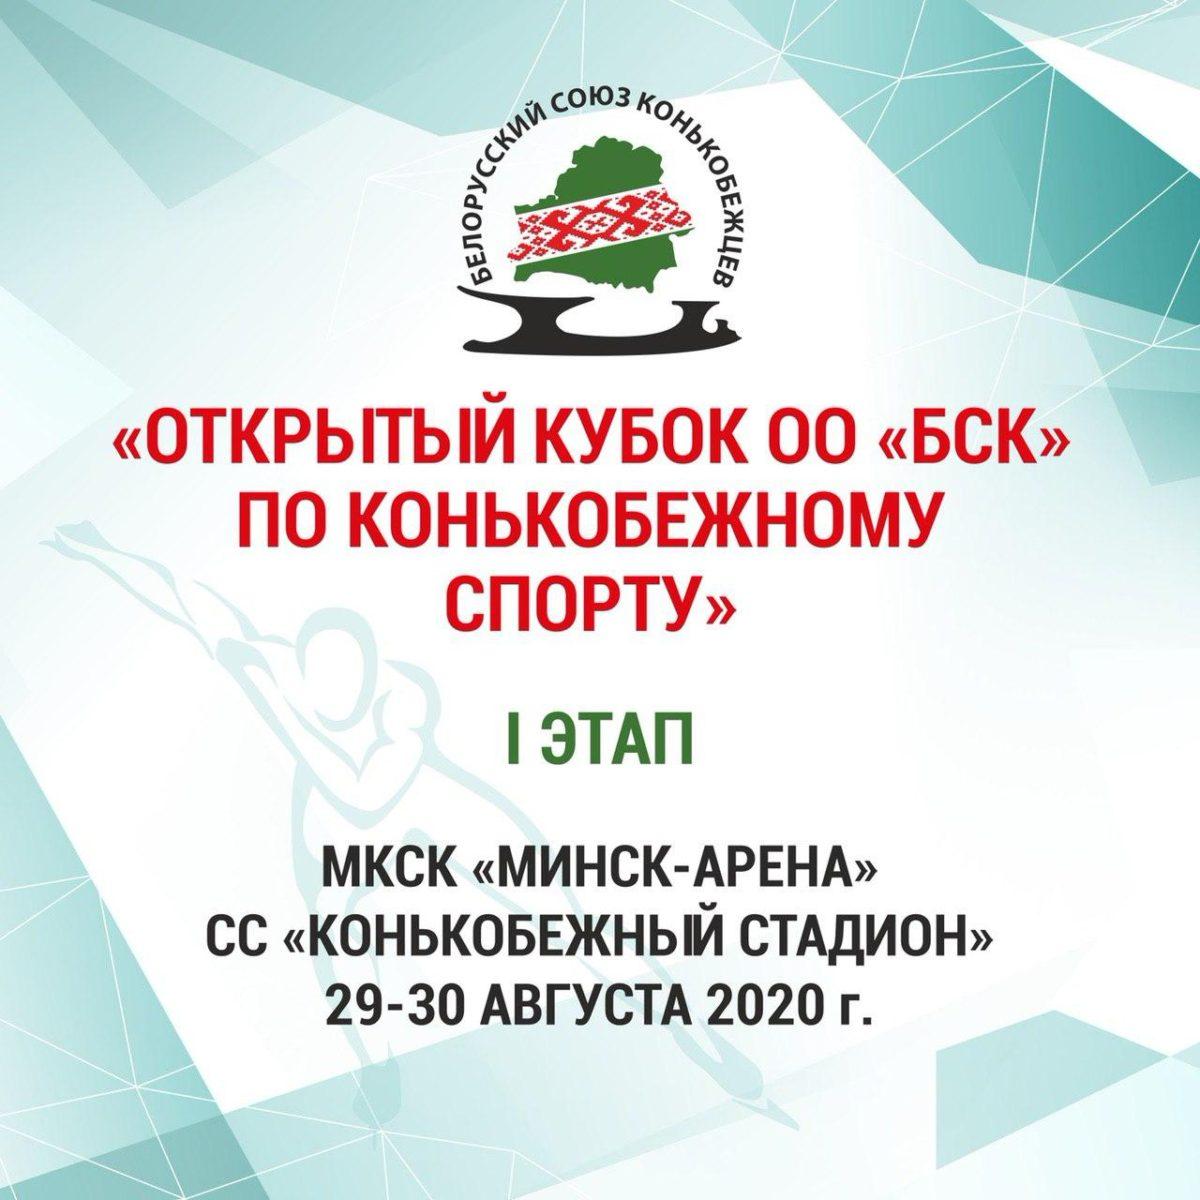 Открытый Кубок ОО «БСК» по конькобежному спорту (I этап)